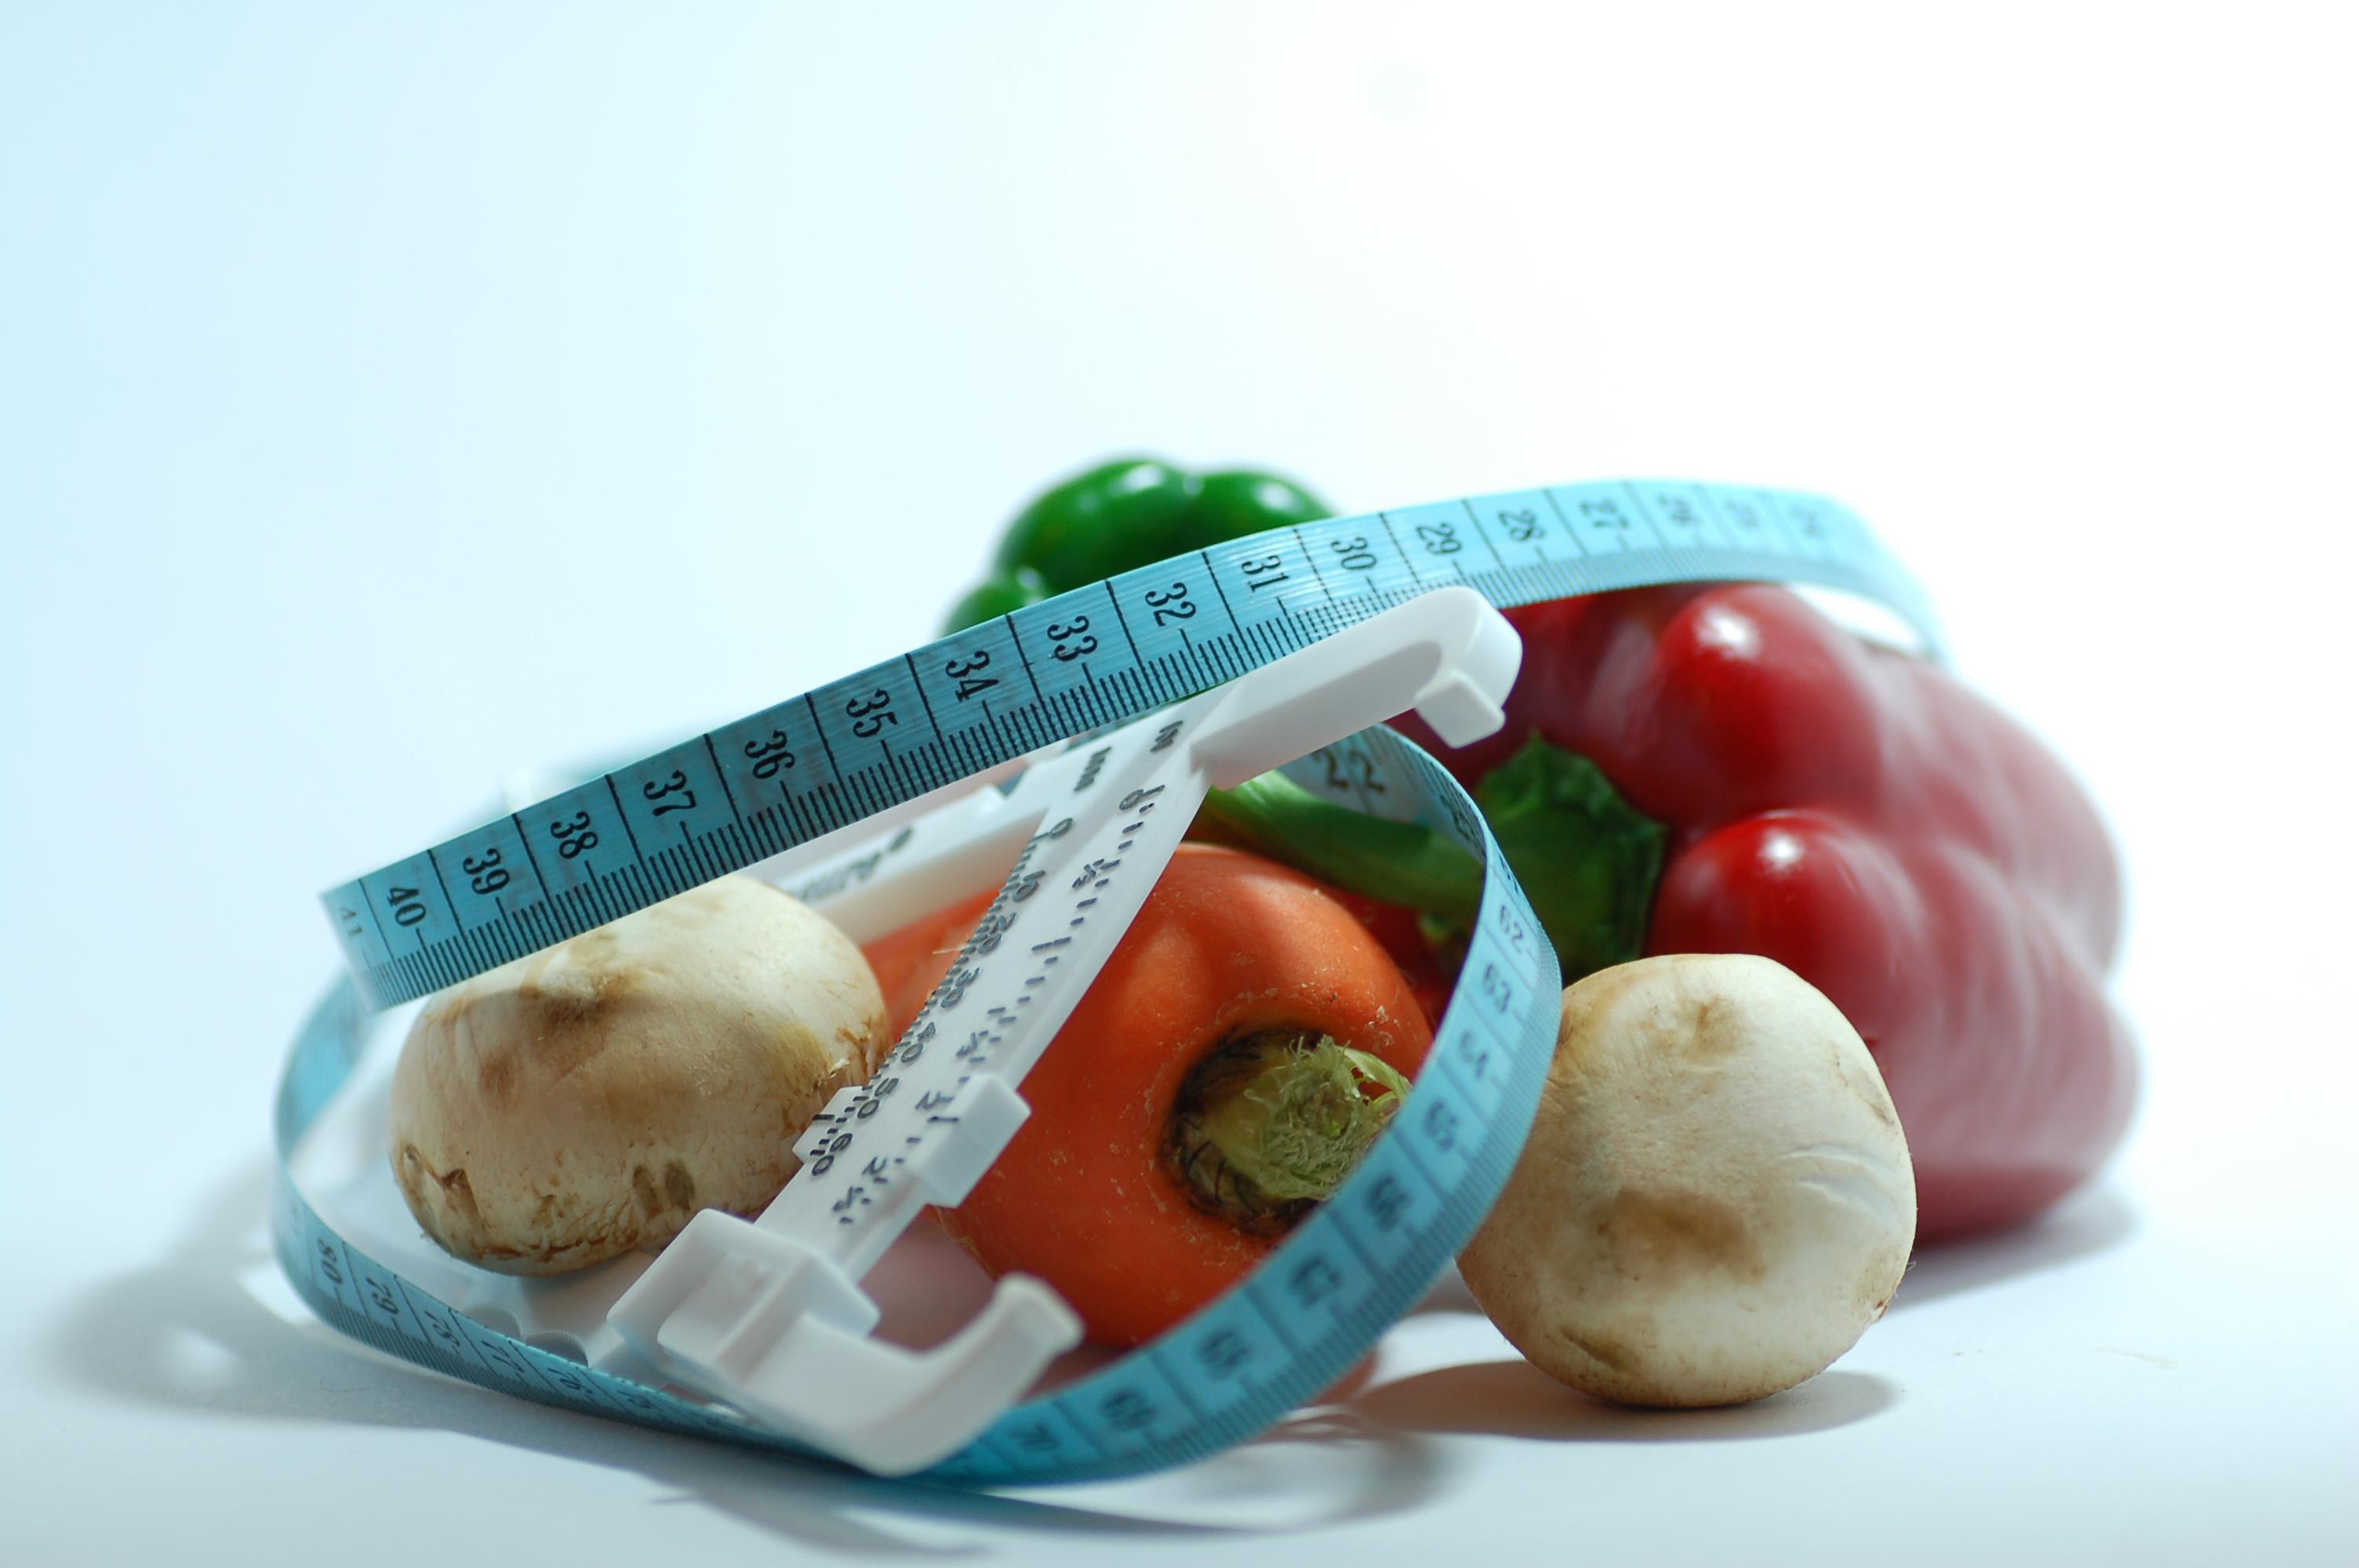 facile modo naturale per perdere peso